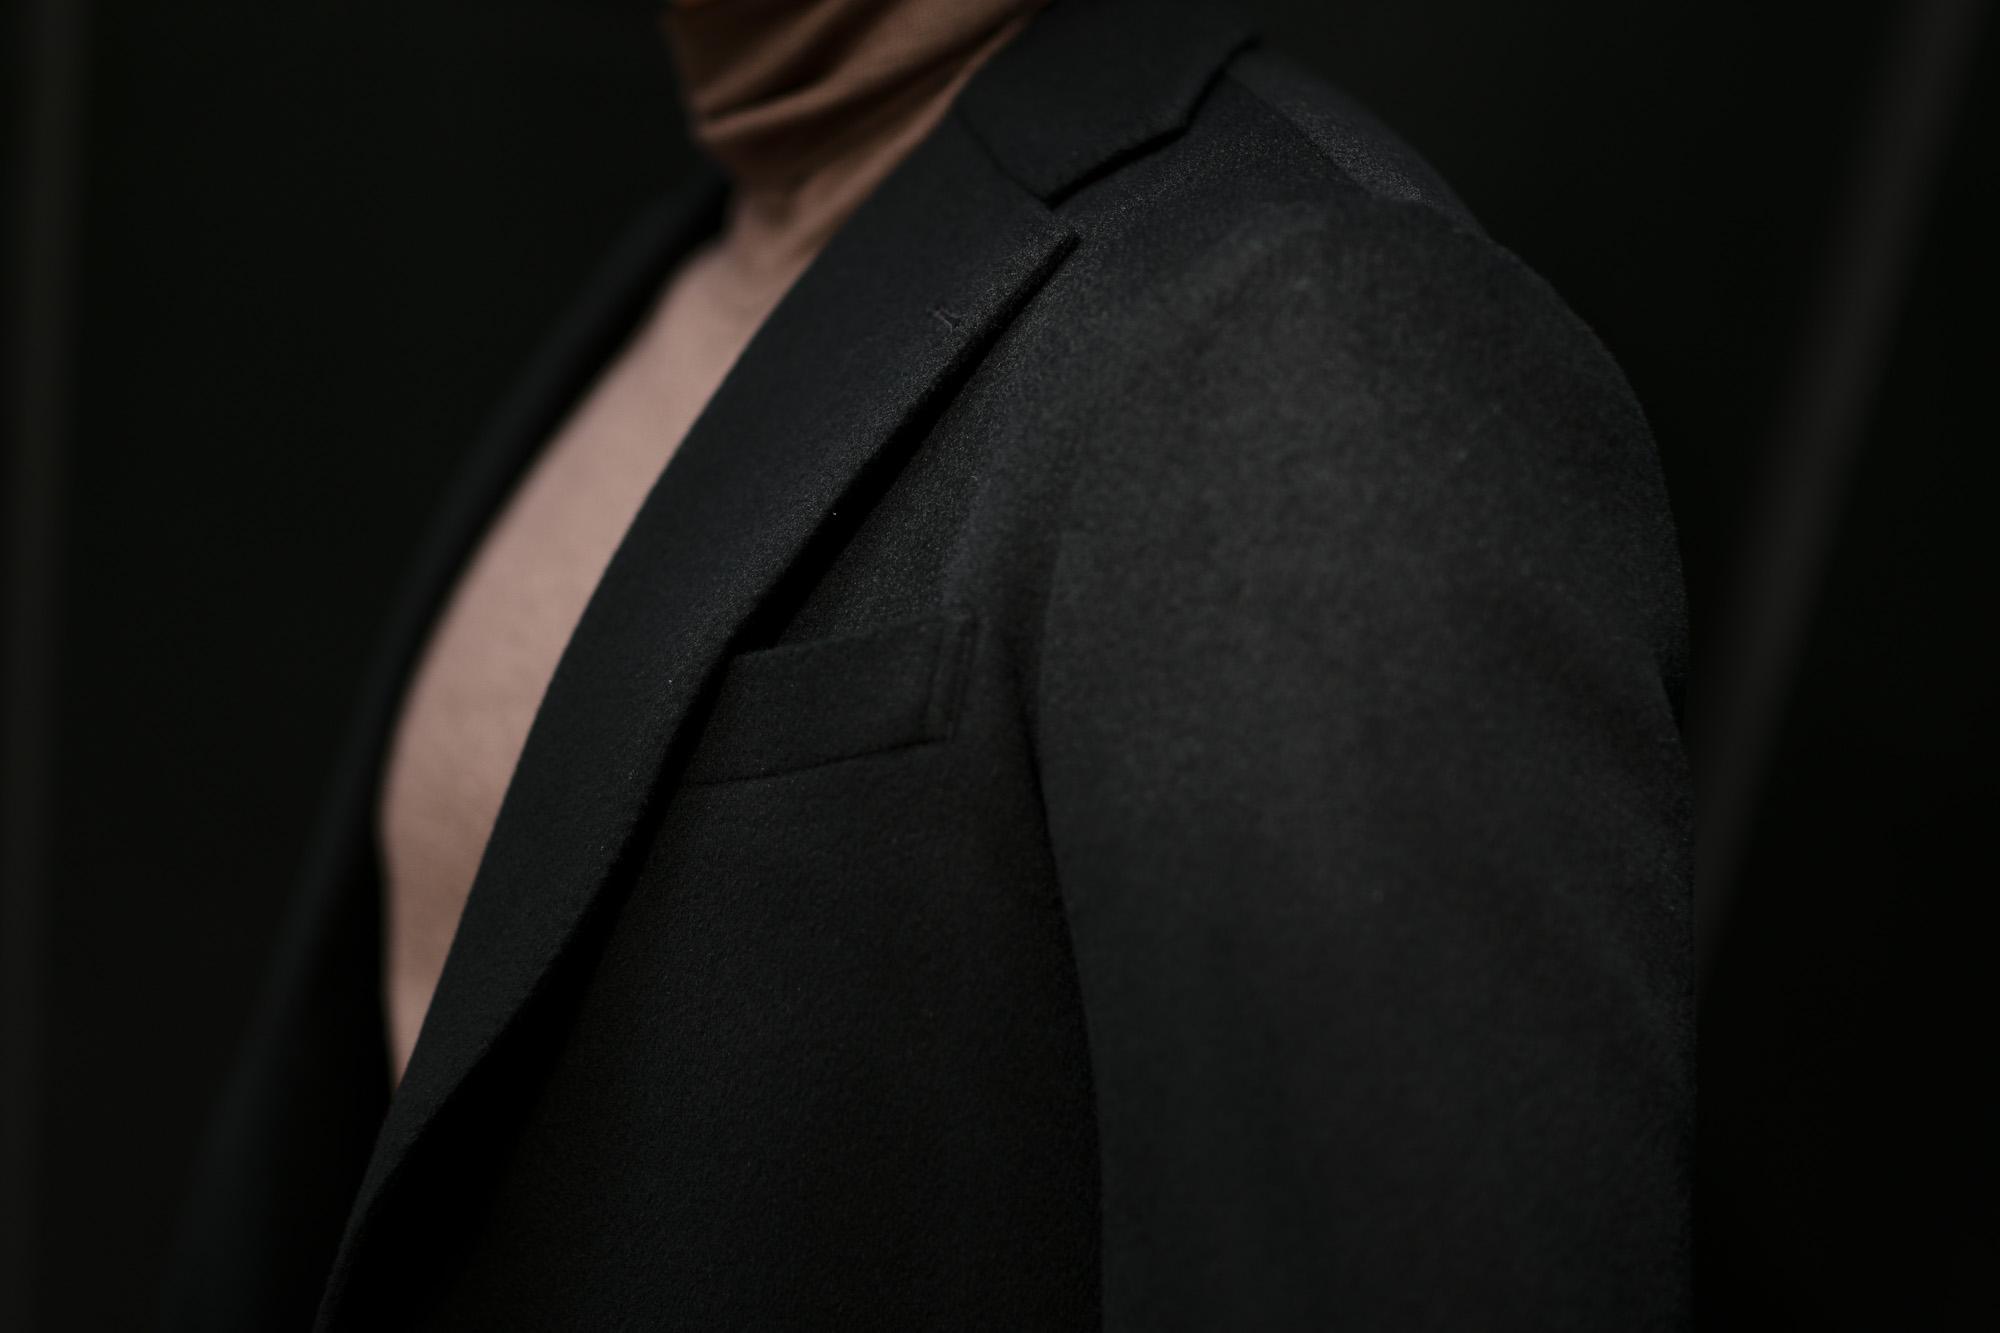 Cuervo (クエルボ) Sartoria Collection (サルトリア コレクション) Lobb (ロブ) Cashmere カシミア 3B ジャケット BLACK (ブラック) MADE IN JAPAN (日本製) 2019 秋冬 【ご予約受付中】 愛知 名古屋 altoediritto アルトエデリット スーツ ジャケット カシミヤ